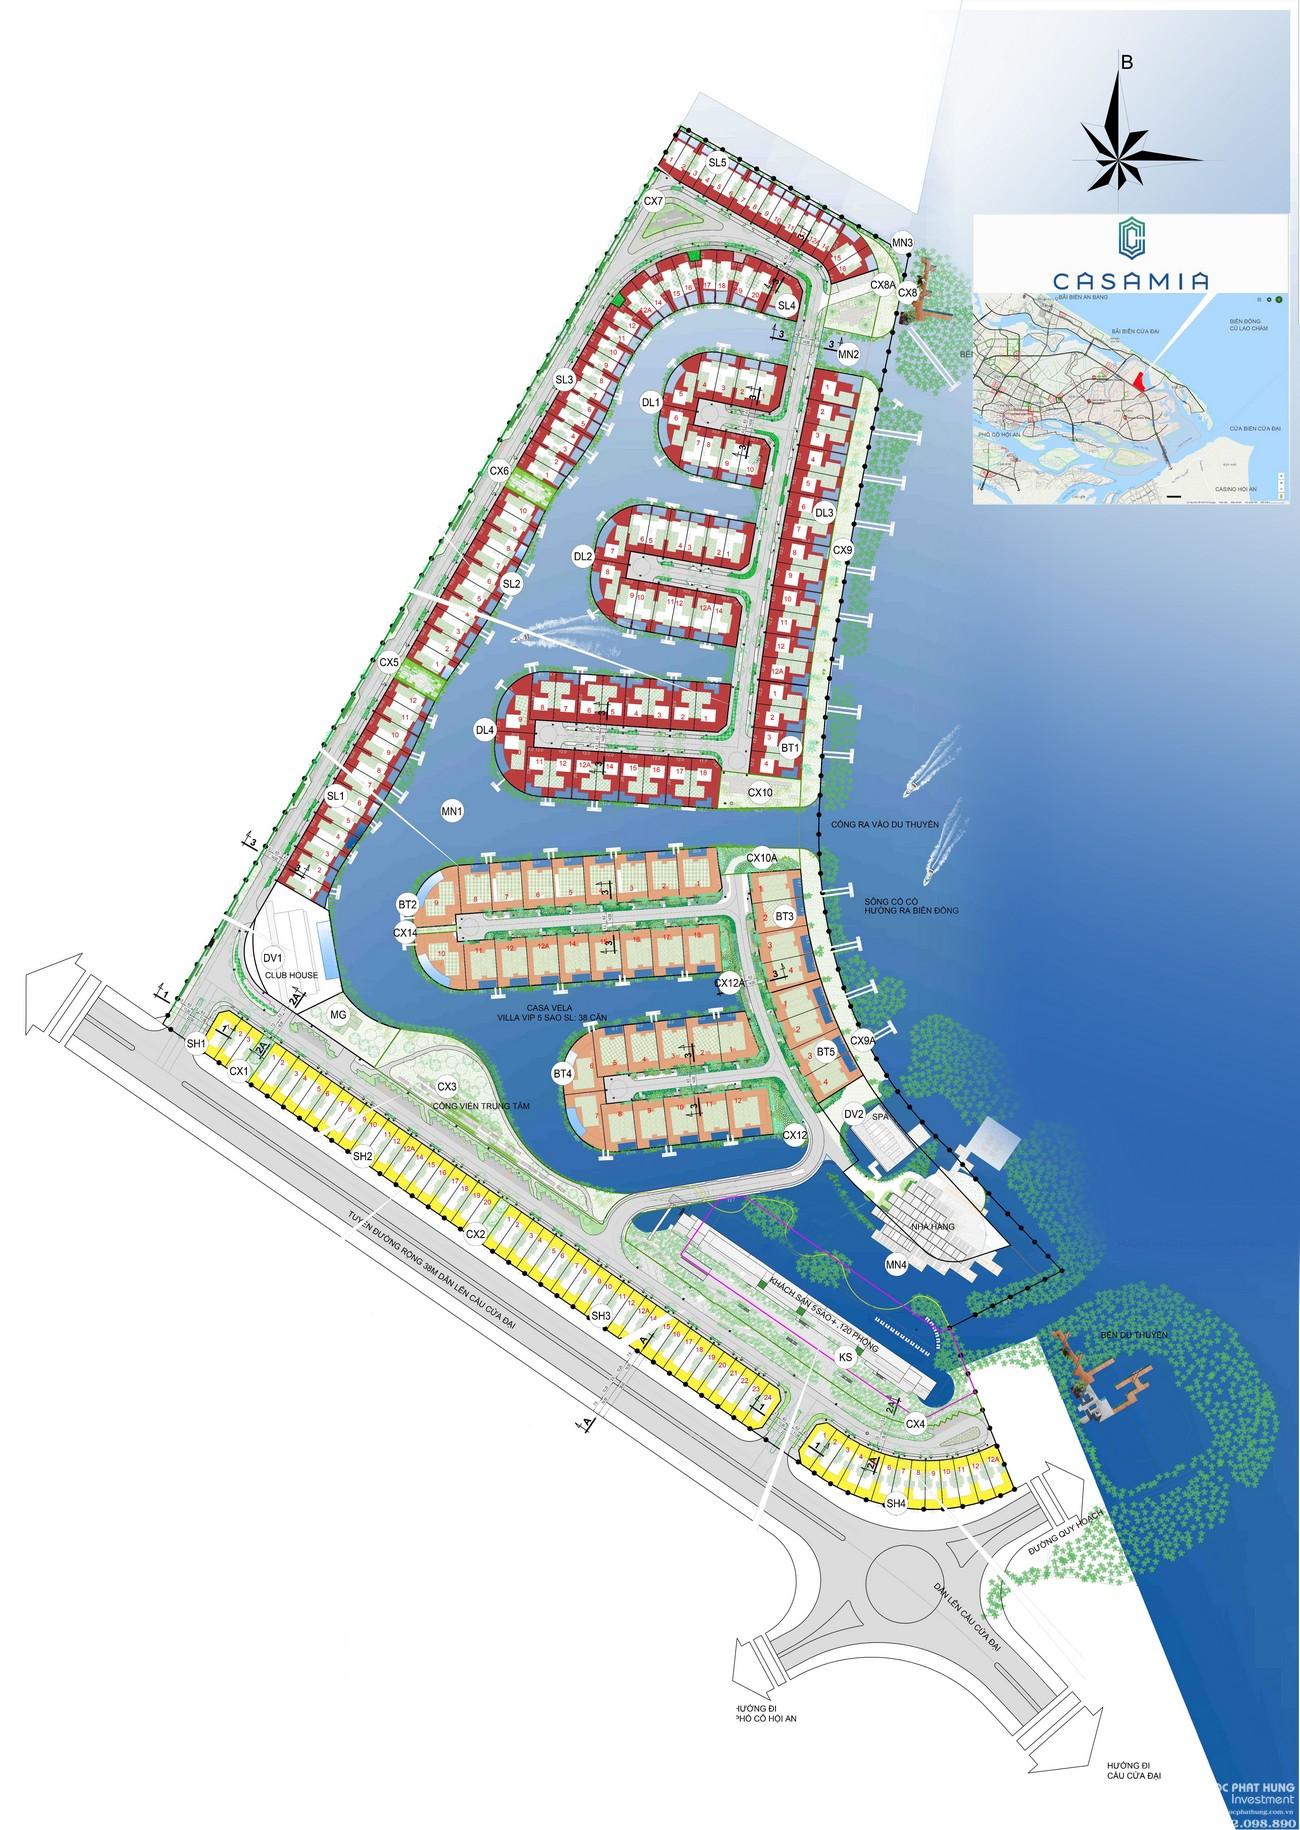 Mặt bằng dự án khu đô thị Casamia Hội An chủ đầu tư Đạt Phương